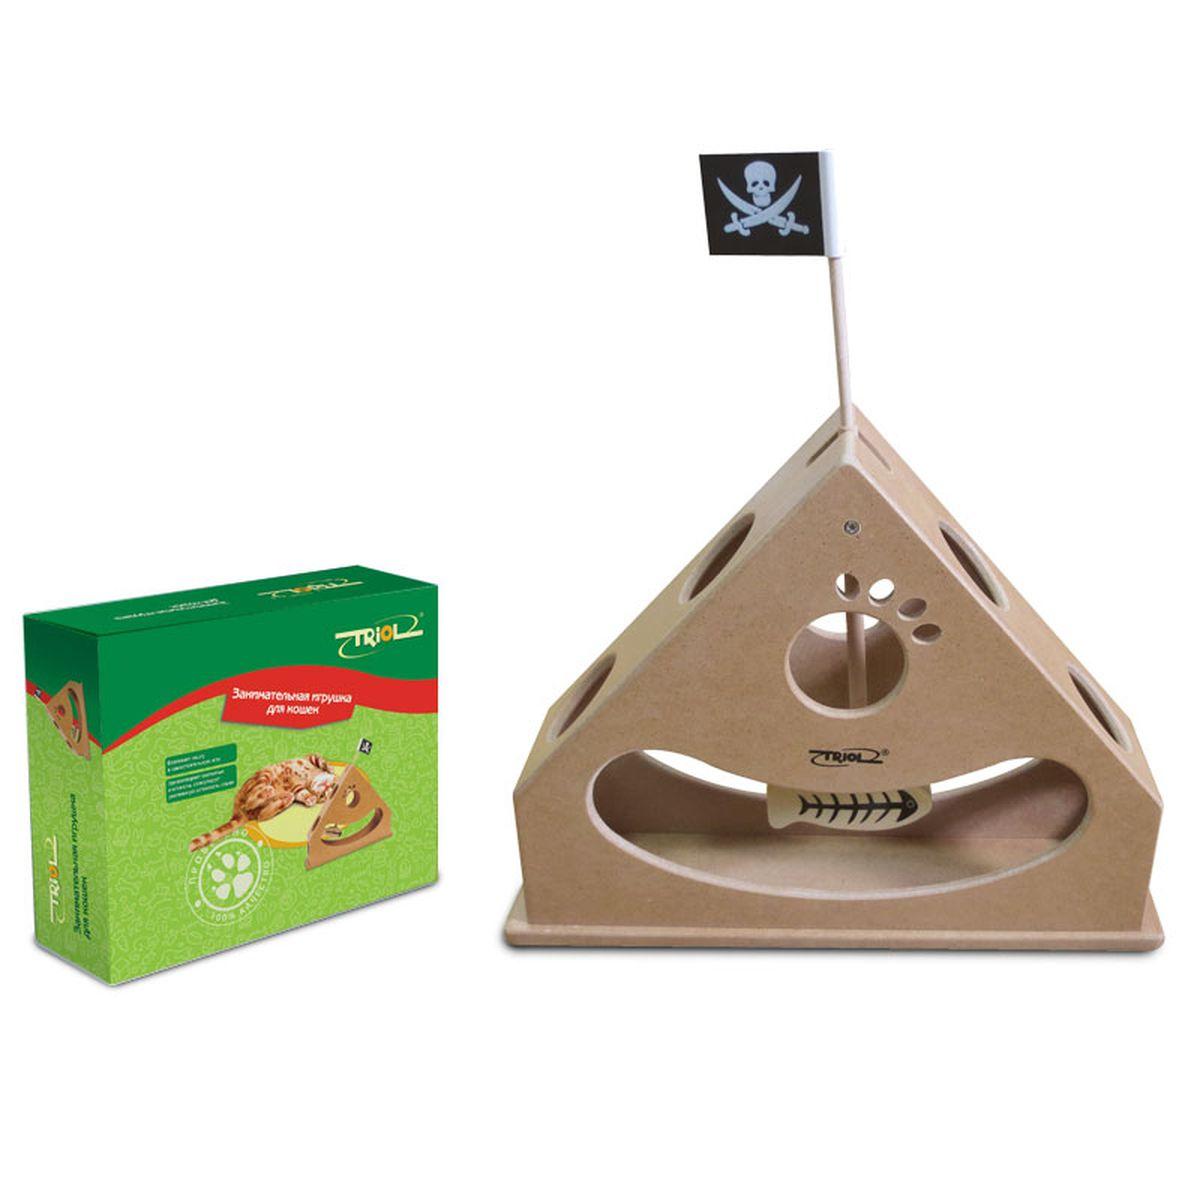 Игрушка для кошек Triol, 29,8 х 7,8 х 30 смTT04Развивающая игрушка Triol поможет стимулировать охотничьи навыки кошек, активное выслеживание добычи. Игрушка выполнена из МДФ.Поставьте этот маяк перед кошкой и понаблюдайте за тем, как ваш питомец будет прицеливаться в маленькую рыбку на конце маяка, используя всевозможные способы. Вы также можете использовать игрушку для того, чтобы прятать в ней угощения.